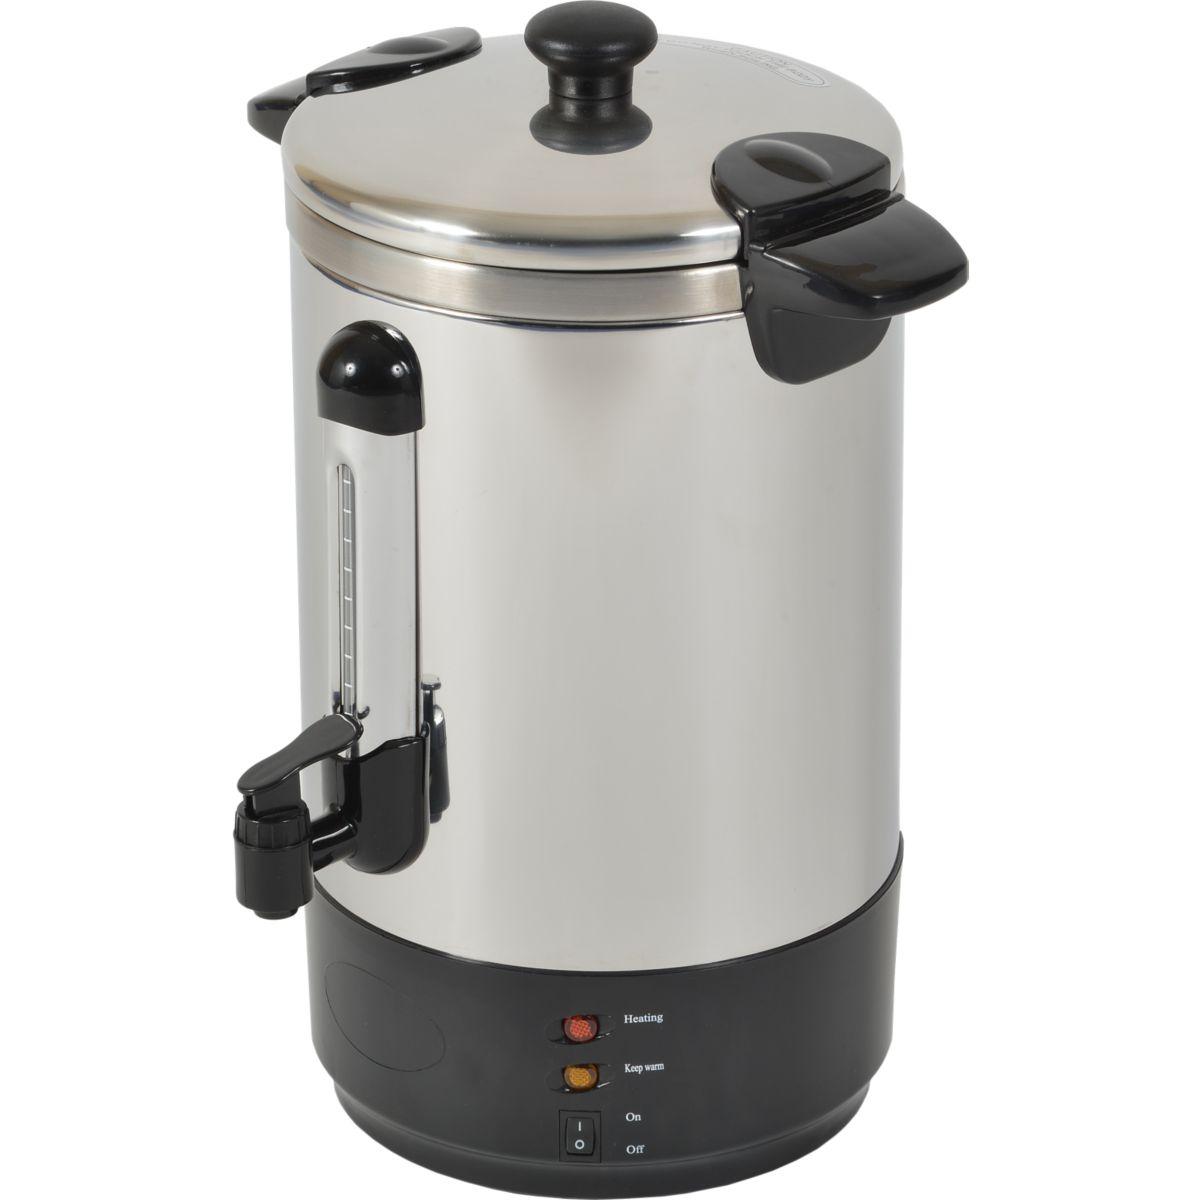 Cafetière filtre kitchen chef pro 8.8l zj-88 - 15% de remise immédiate avec le code : cool15 (photo)